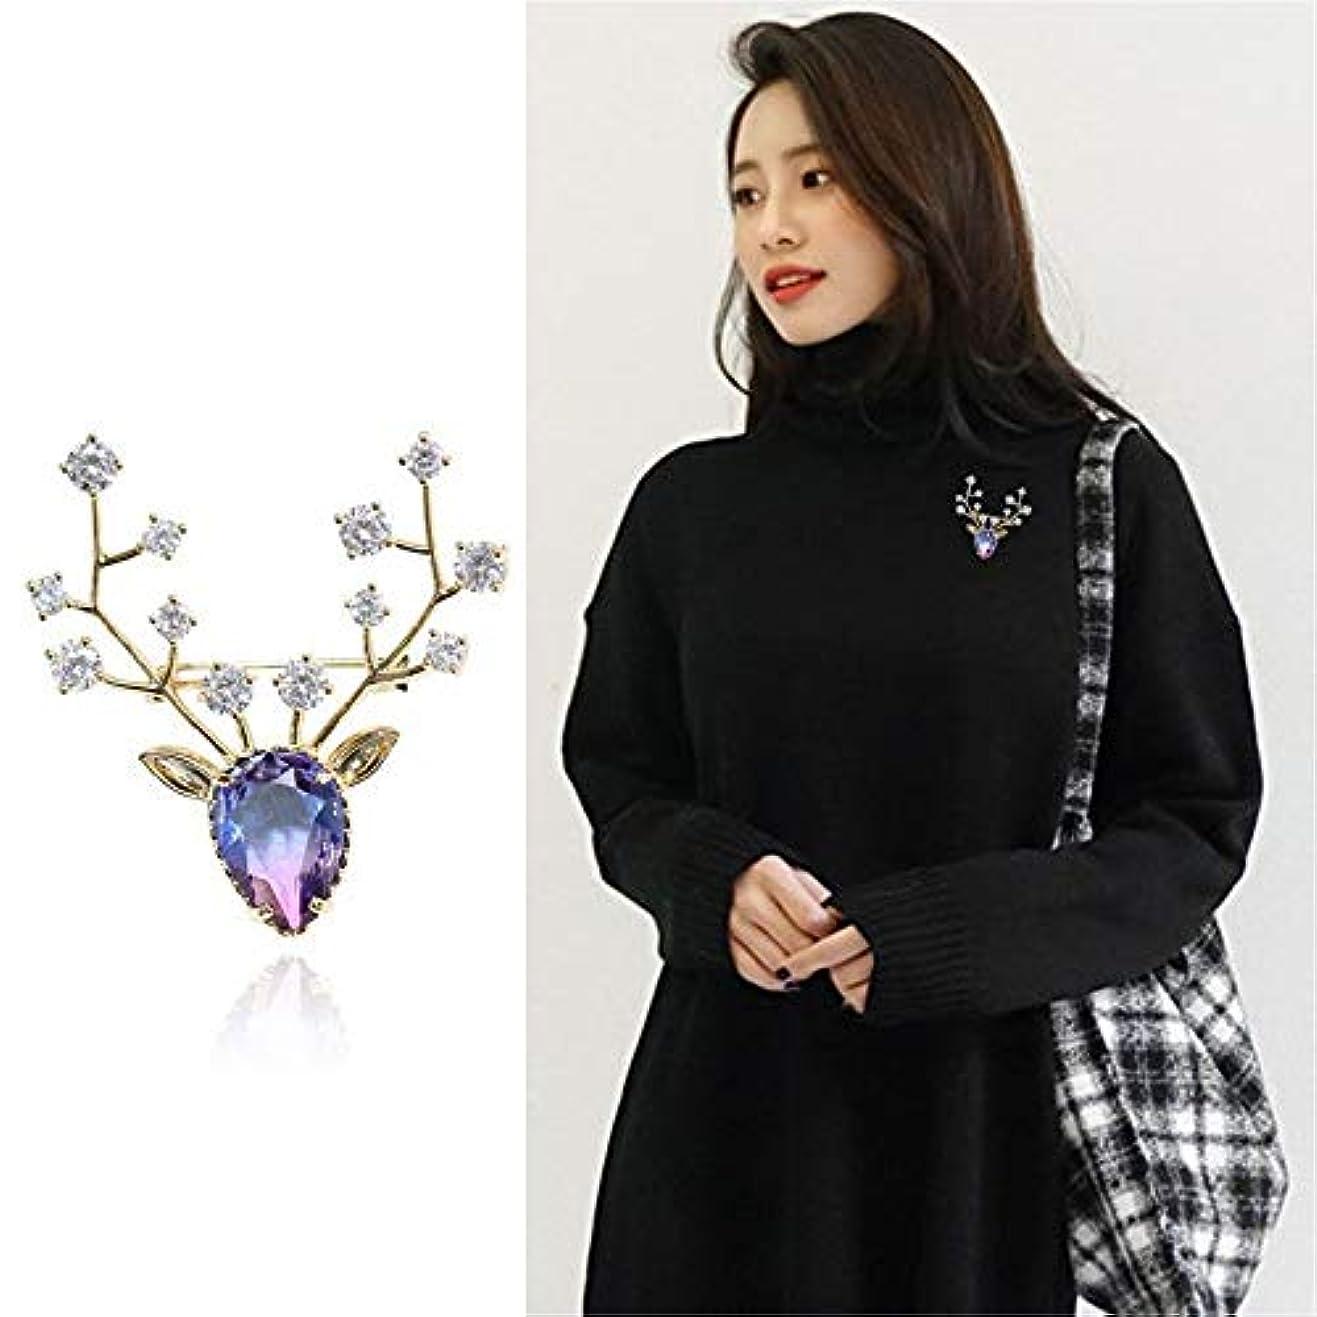 ジャケット見積りことわざ生地と花石鹸の花 クリスマス絶妙なインレイ2色クリスタルアントラーブローチコートコートピンブローチ男性と女性 (色 : 紫の)